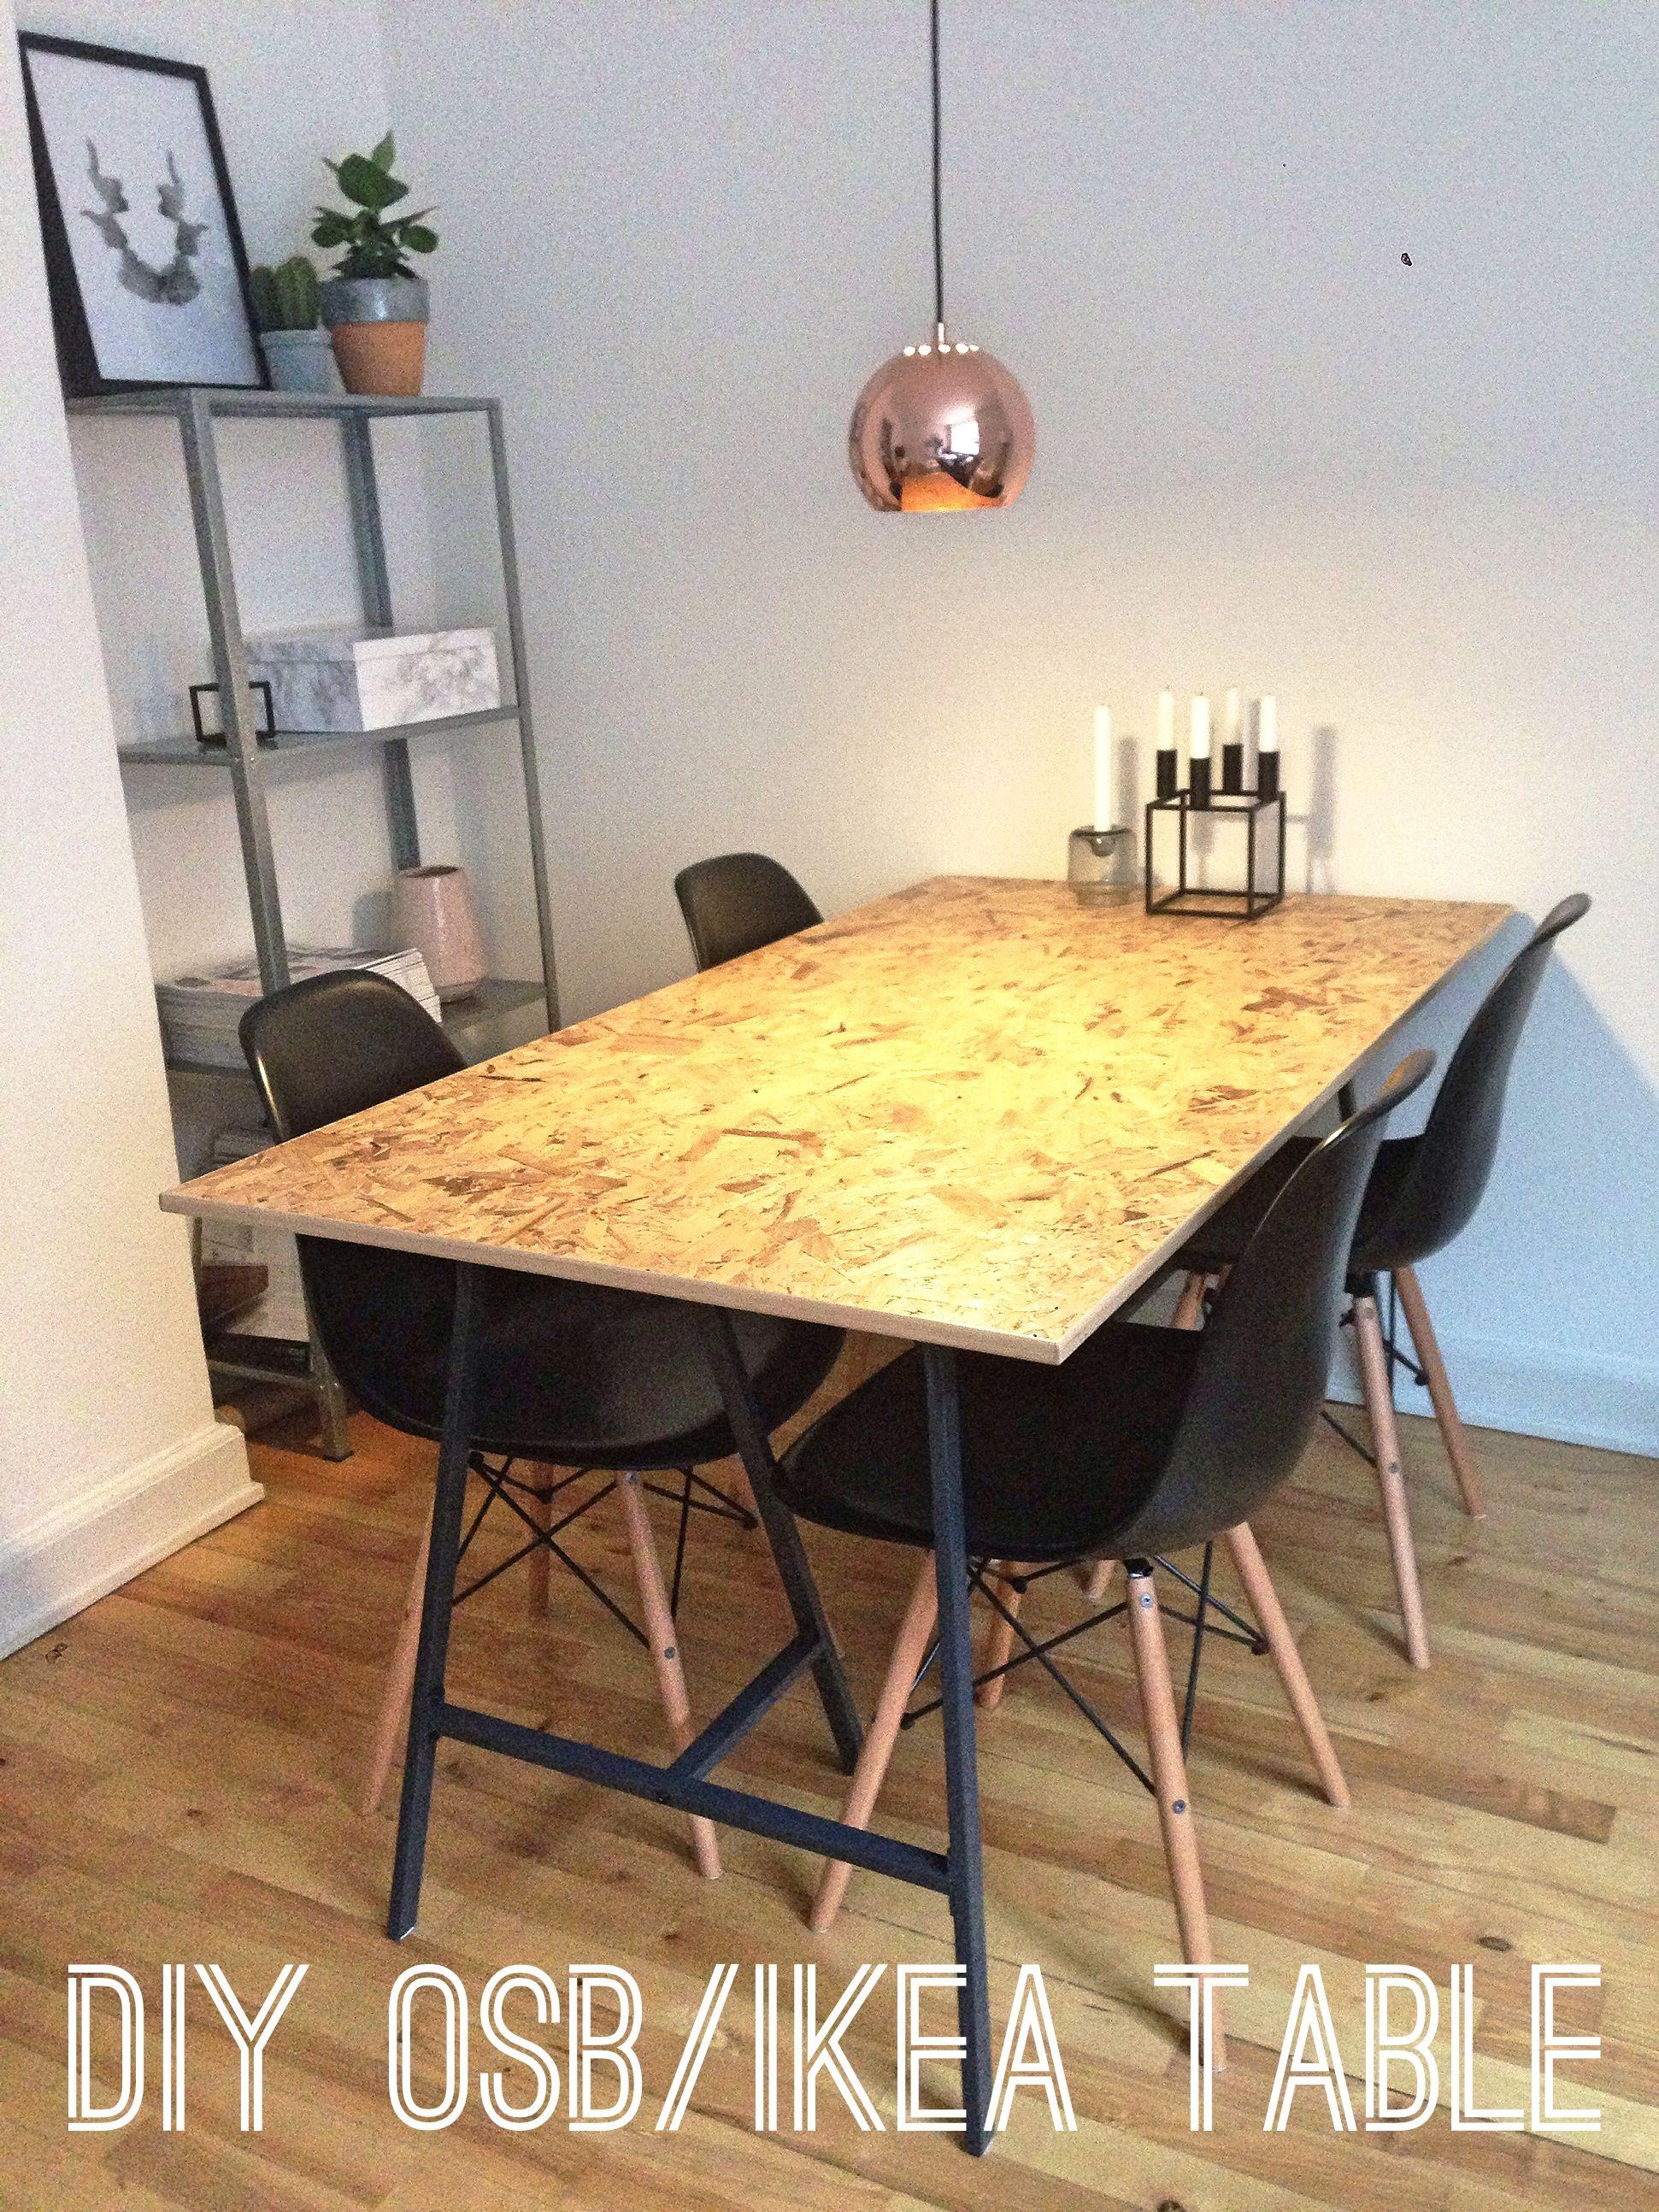 osb table buscar con google o f i c i n a pinterest buscar con google buscando y google. Black Bedroom Furniture Sets. Home Design Ideas